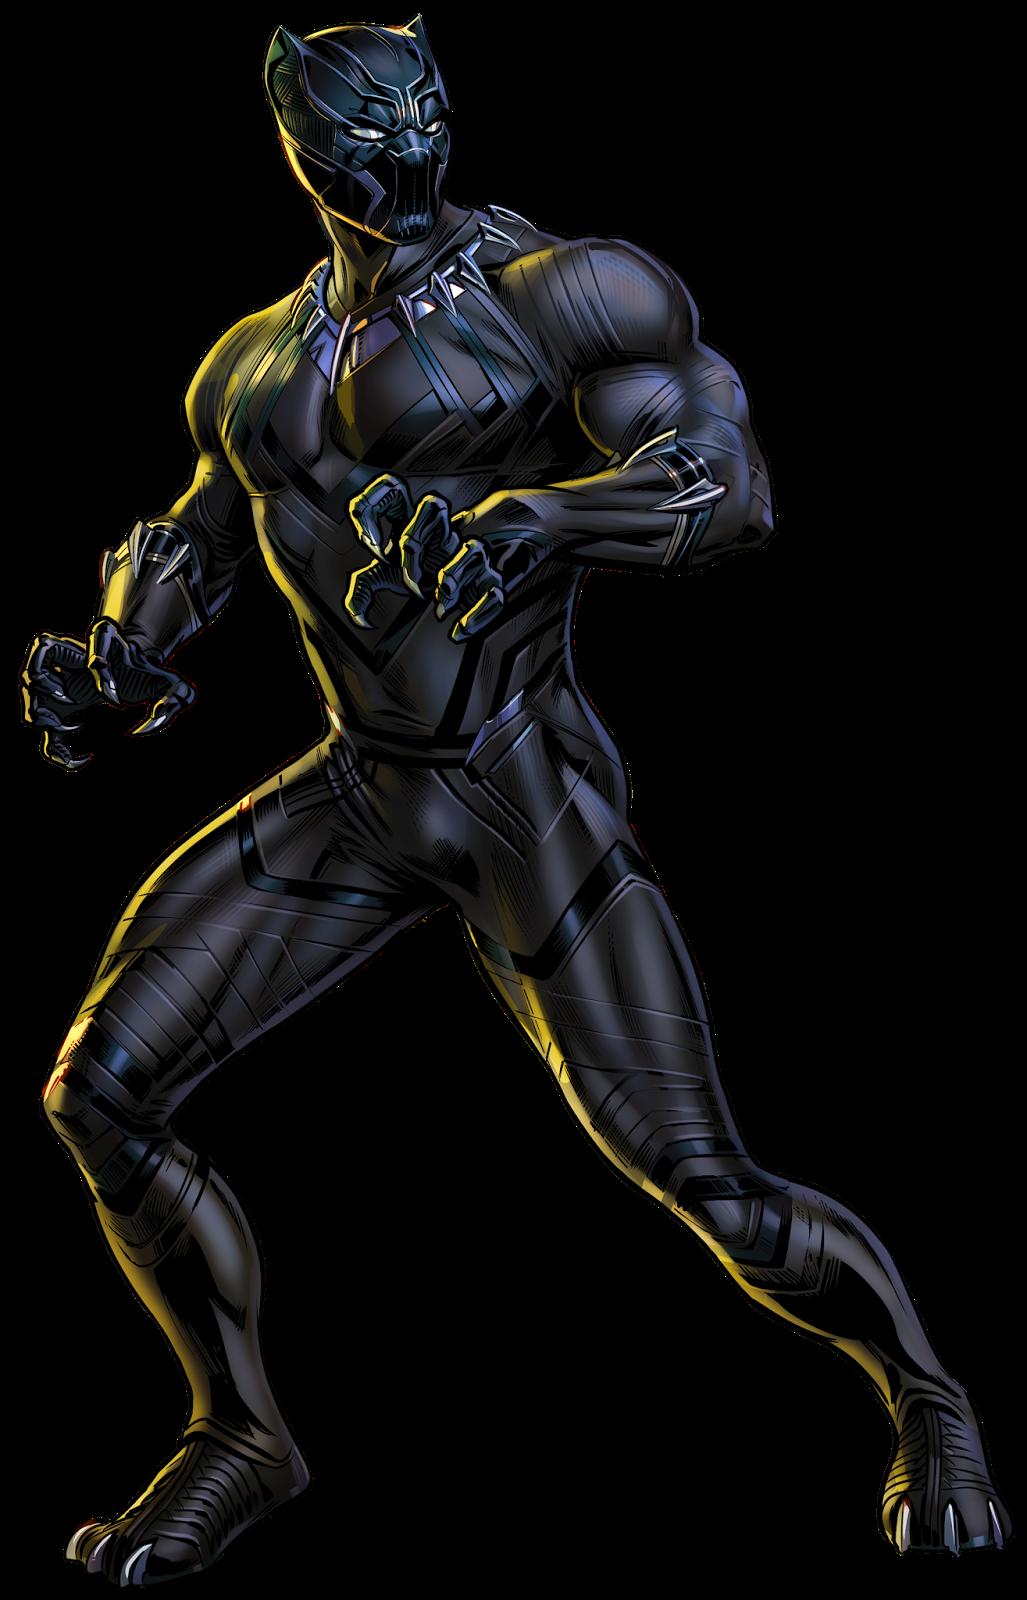 Днем рождения, черная пантера картинка марвел